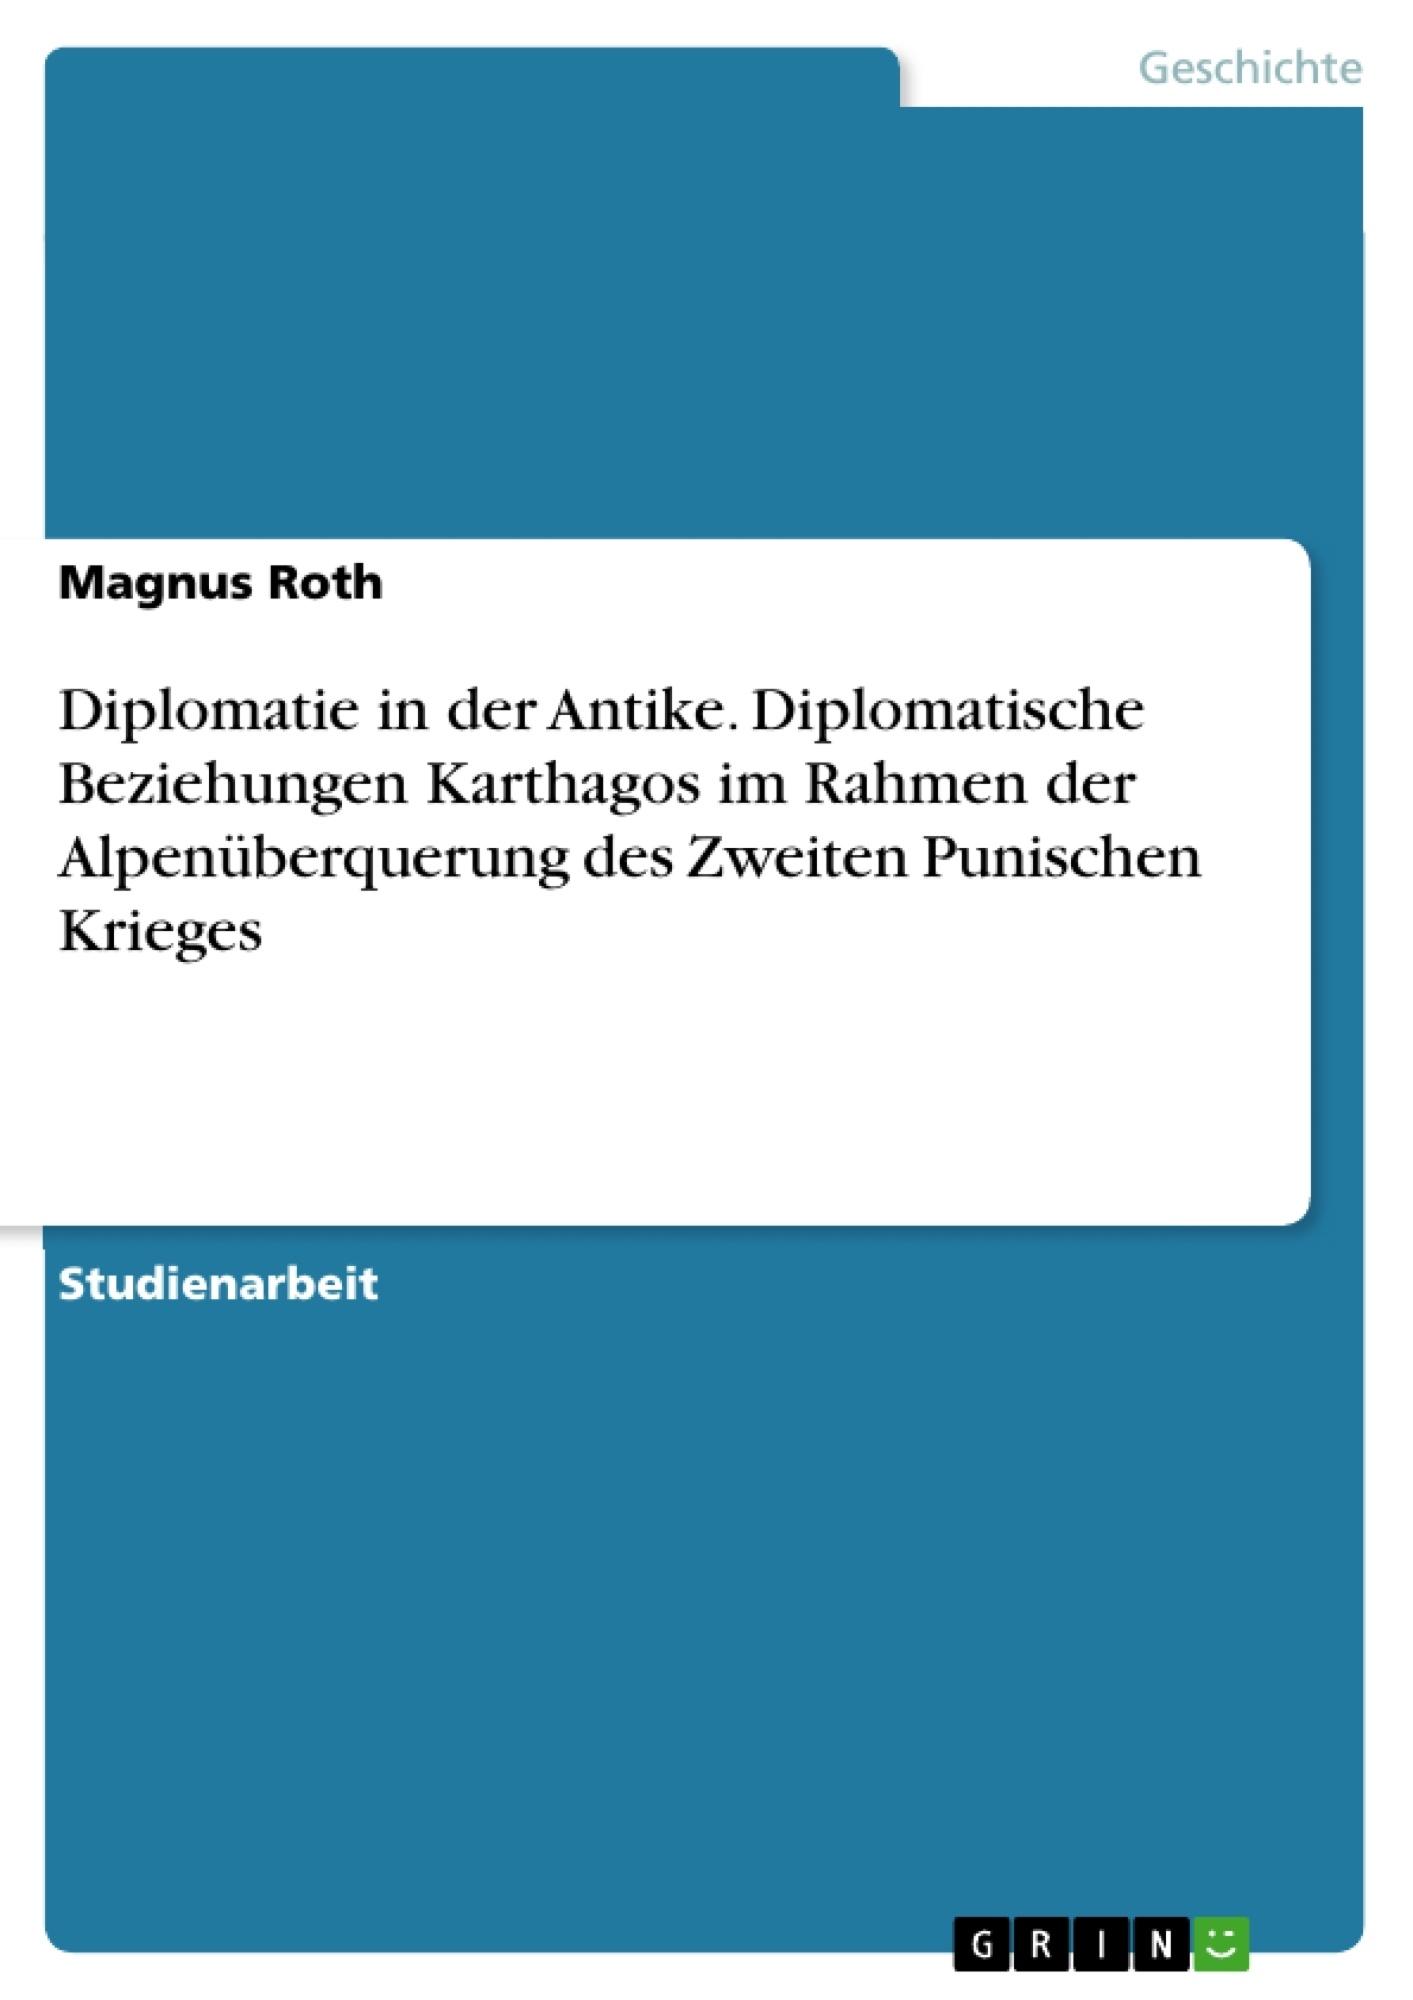 Titel: Diplomatie in der Antike. Diplomatische Beziehungen Karthagos im Rahmen der Alpenüberquerung des Zweiten Punischen Krieges